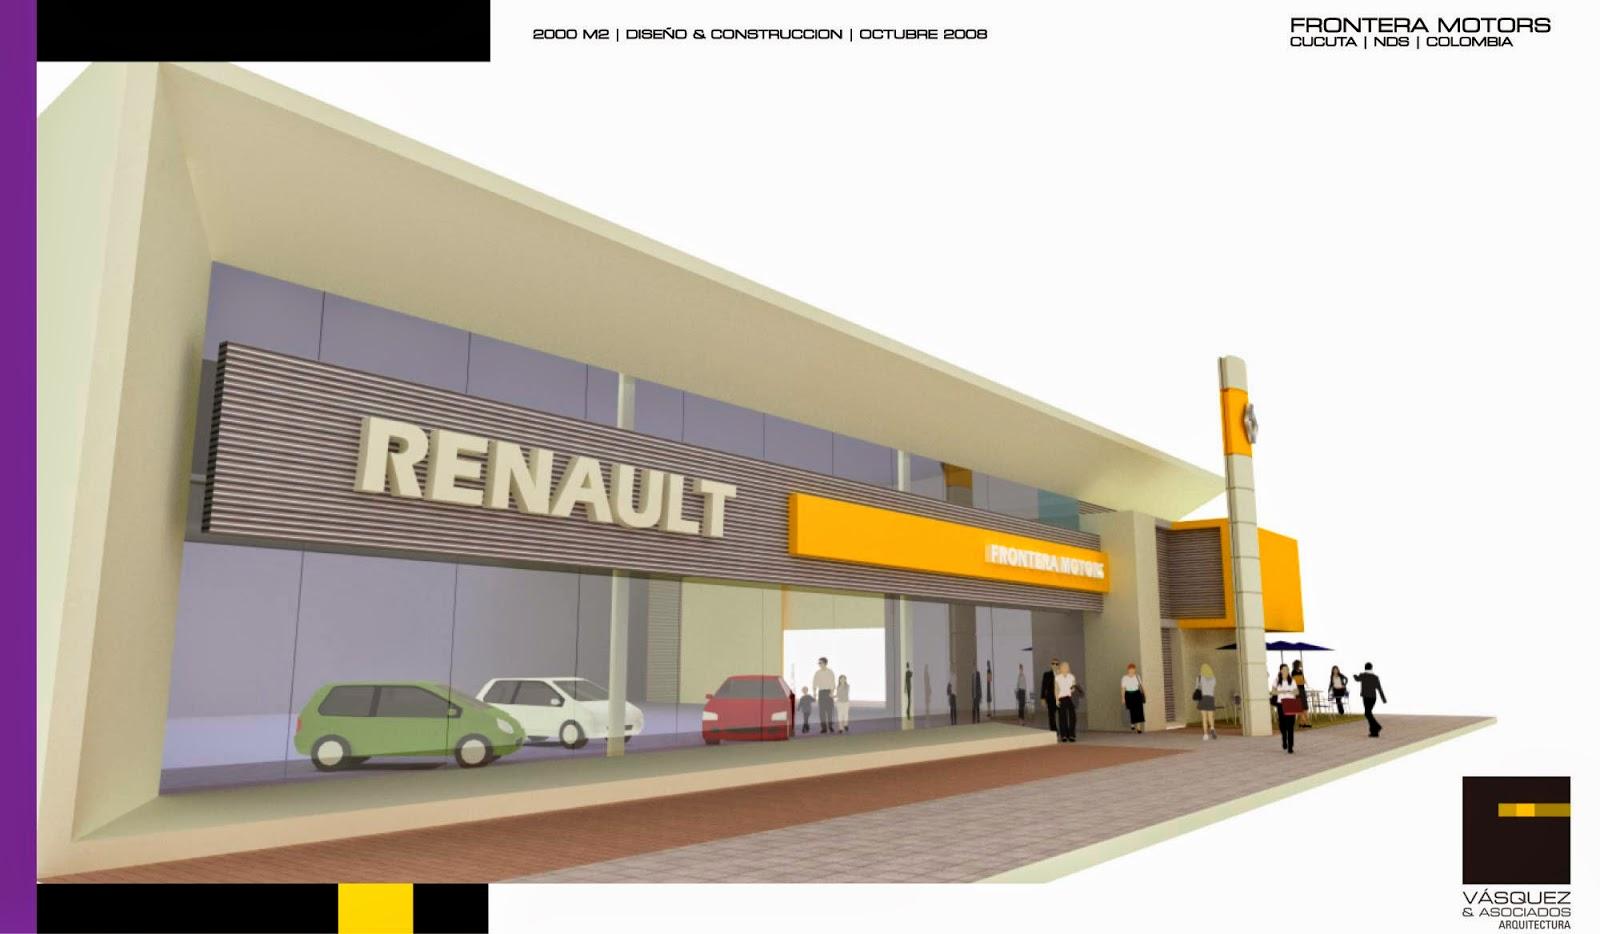 Vasquez y asociados arquitectura ltda frontera motors renault for Genesis arquitectura y diseno ltda